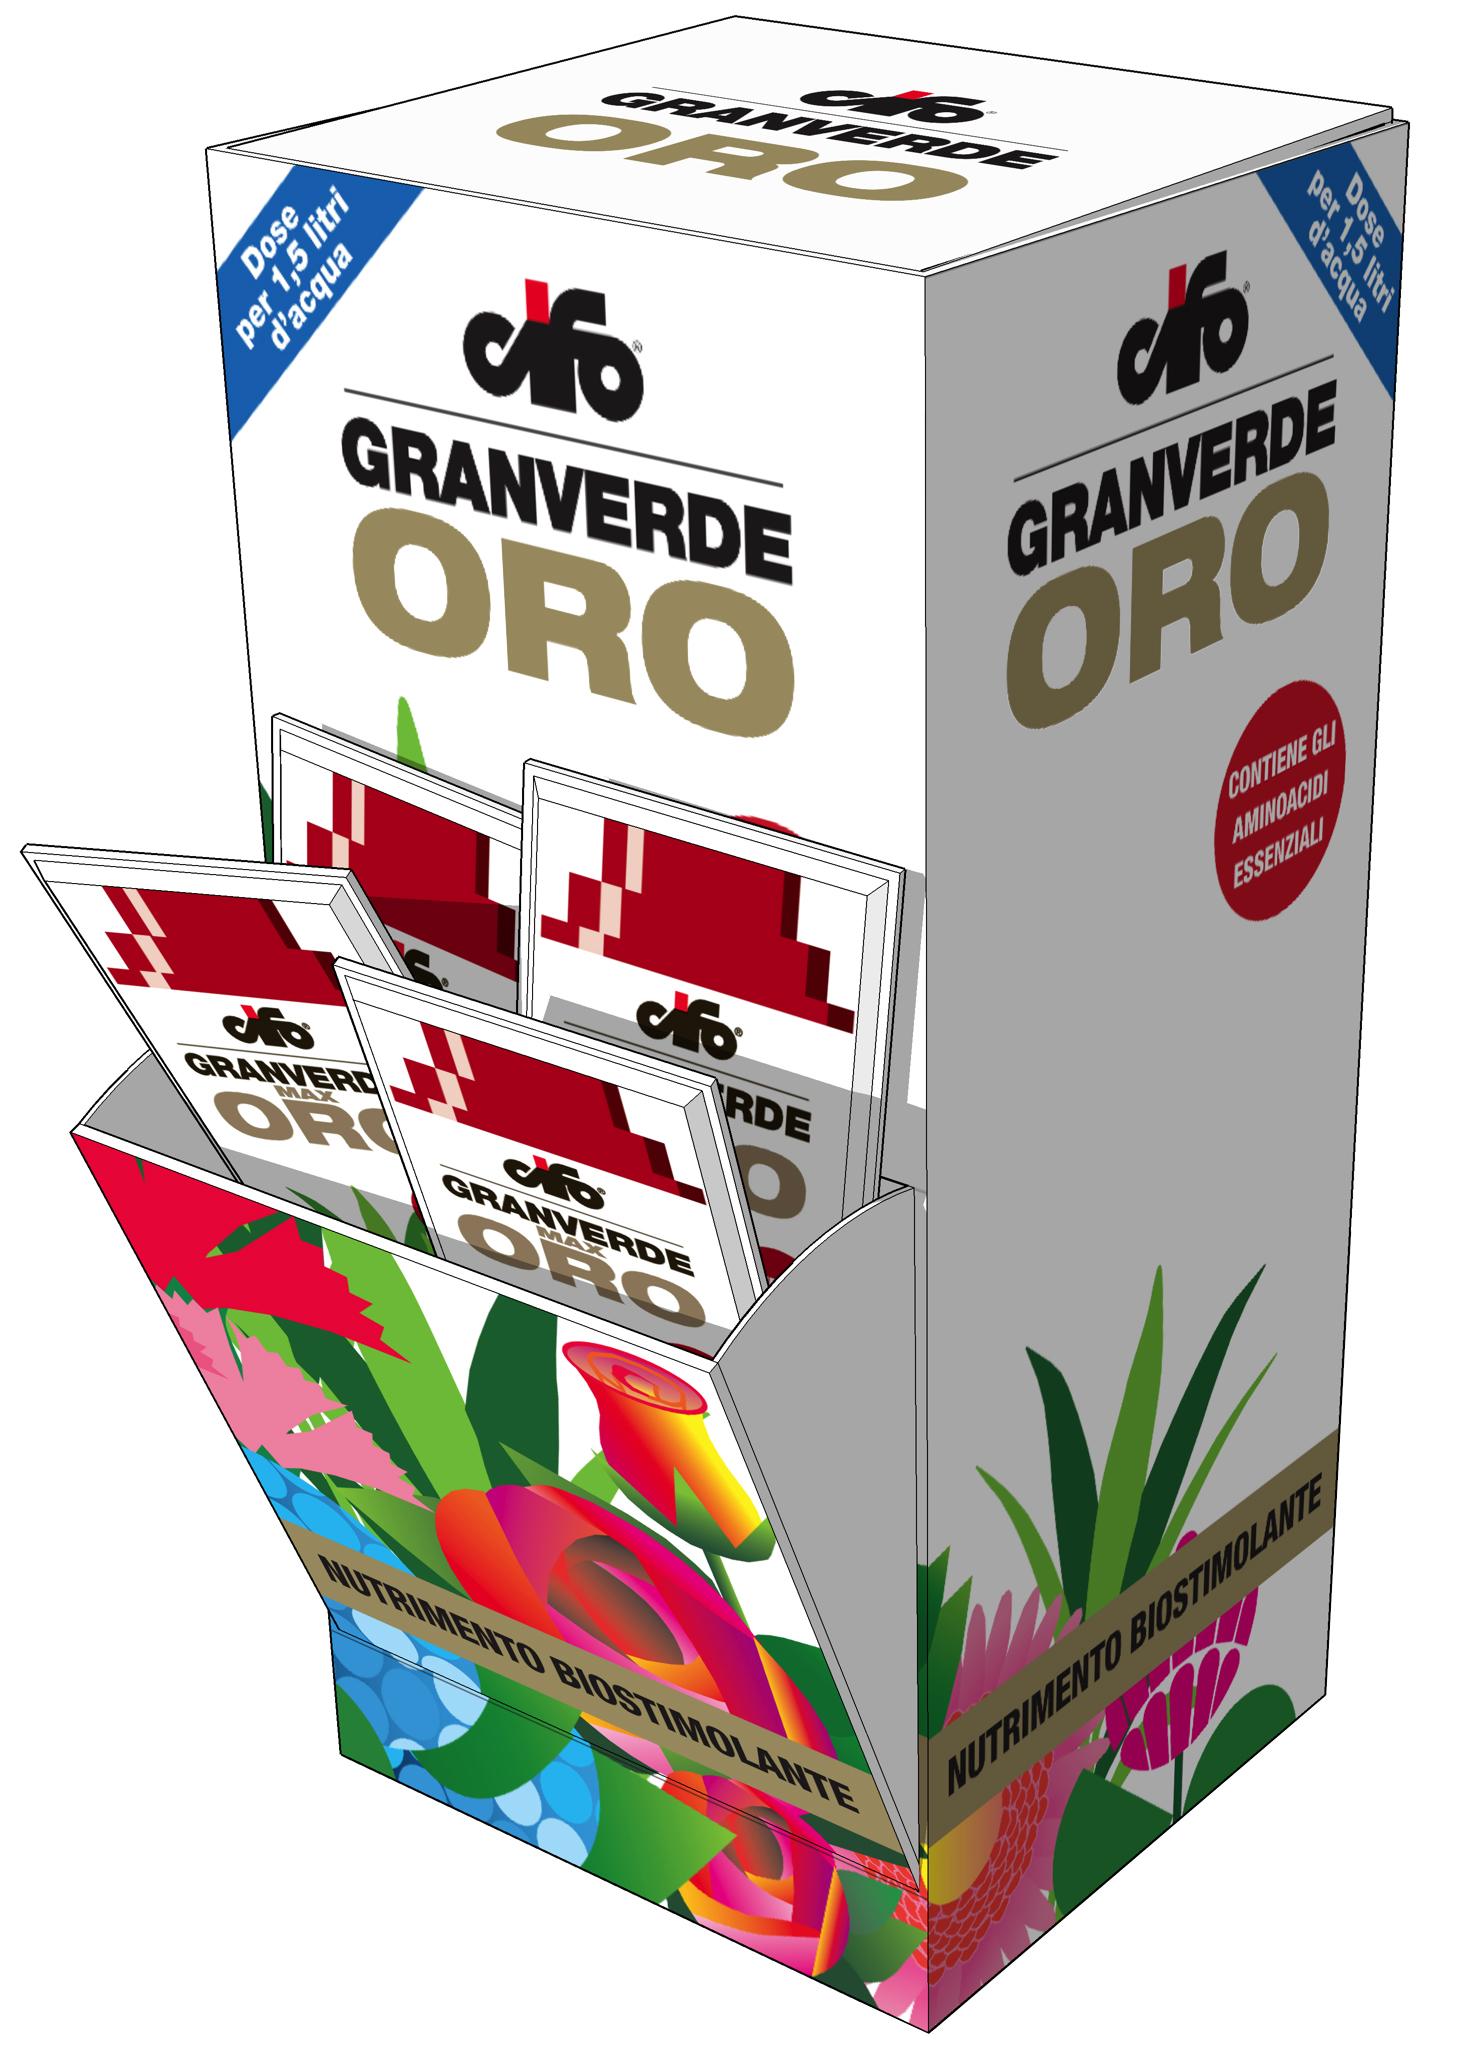 CIFO SPA - Granverde Oro